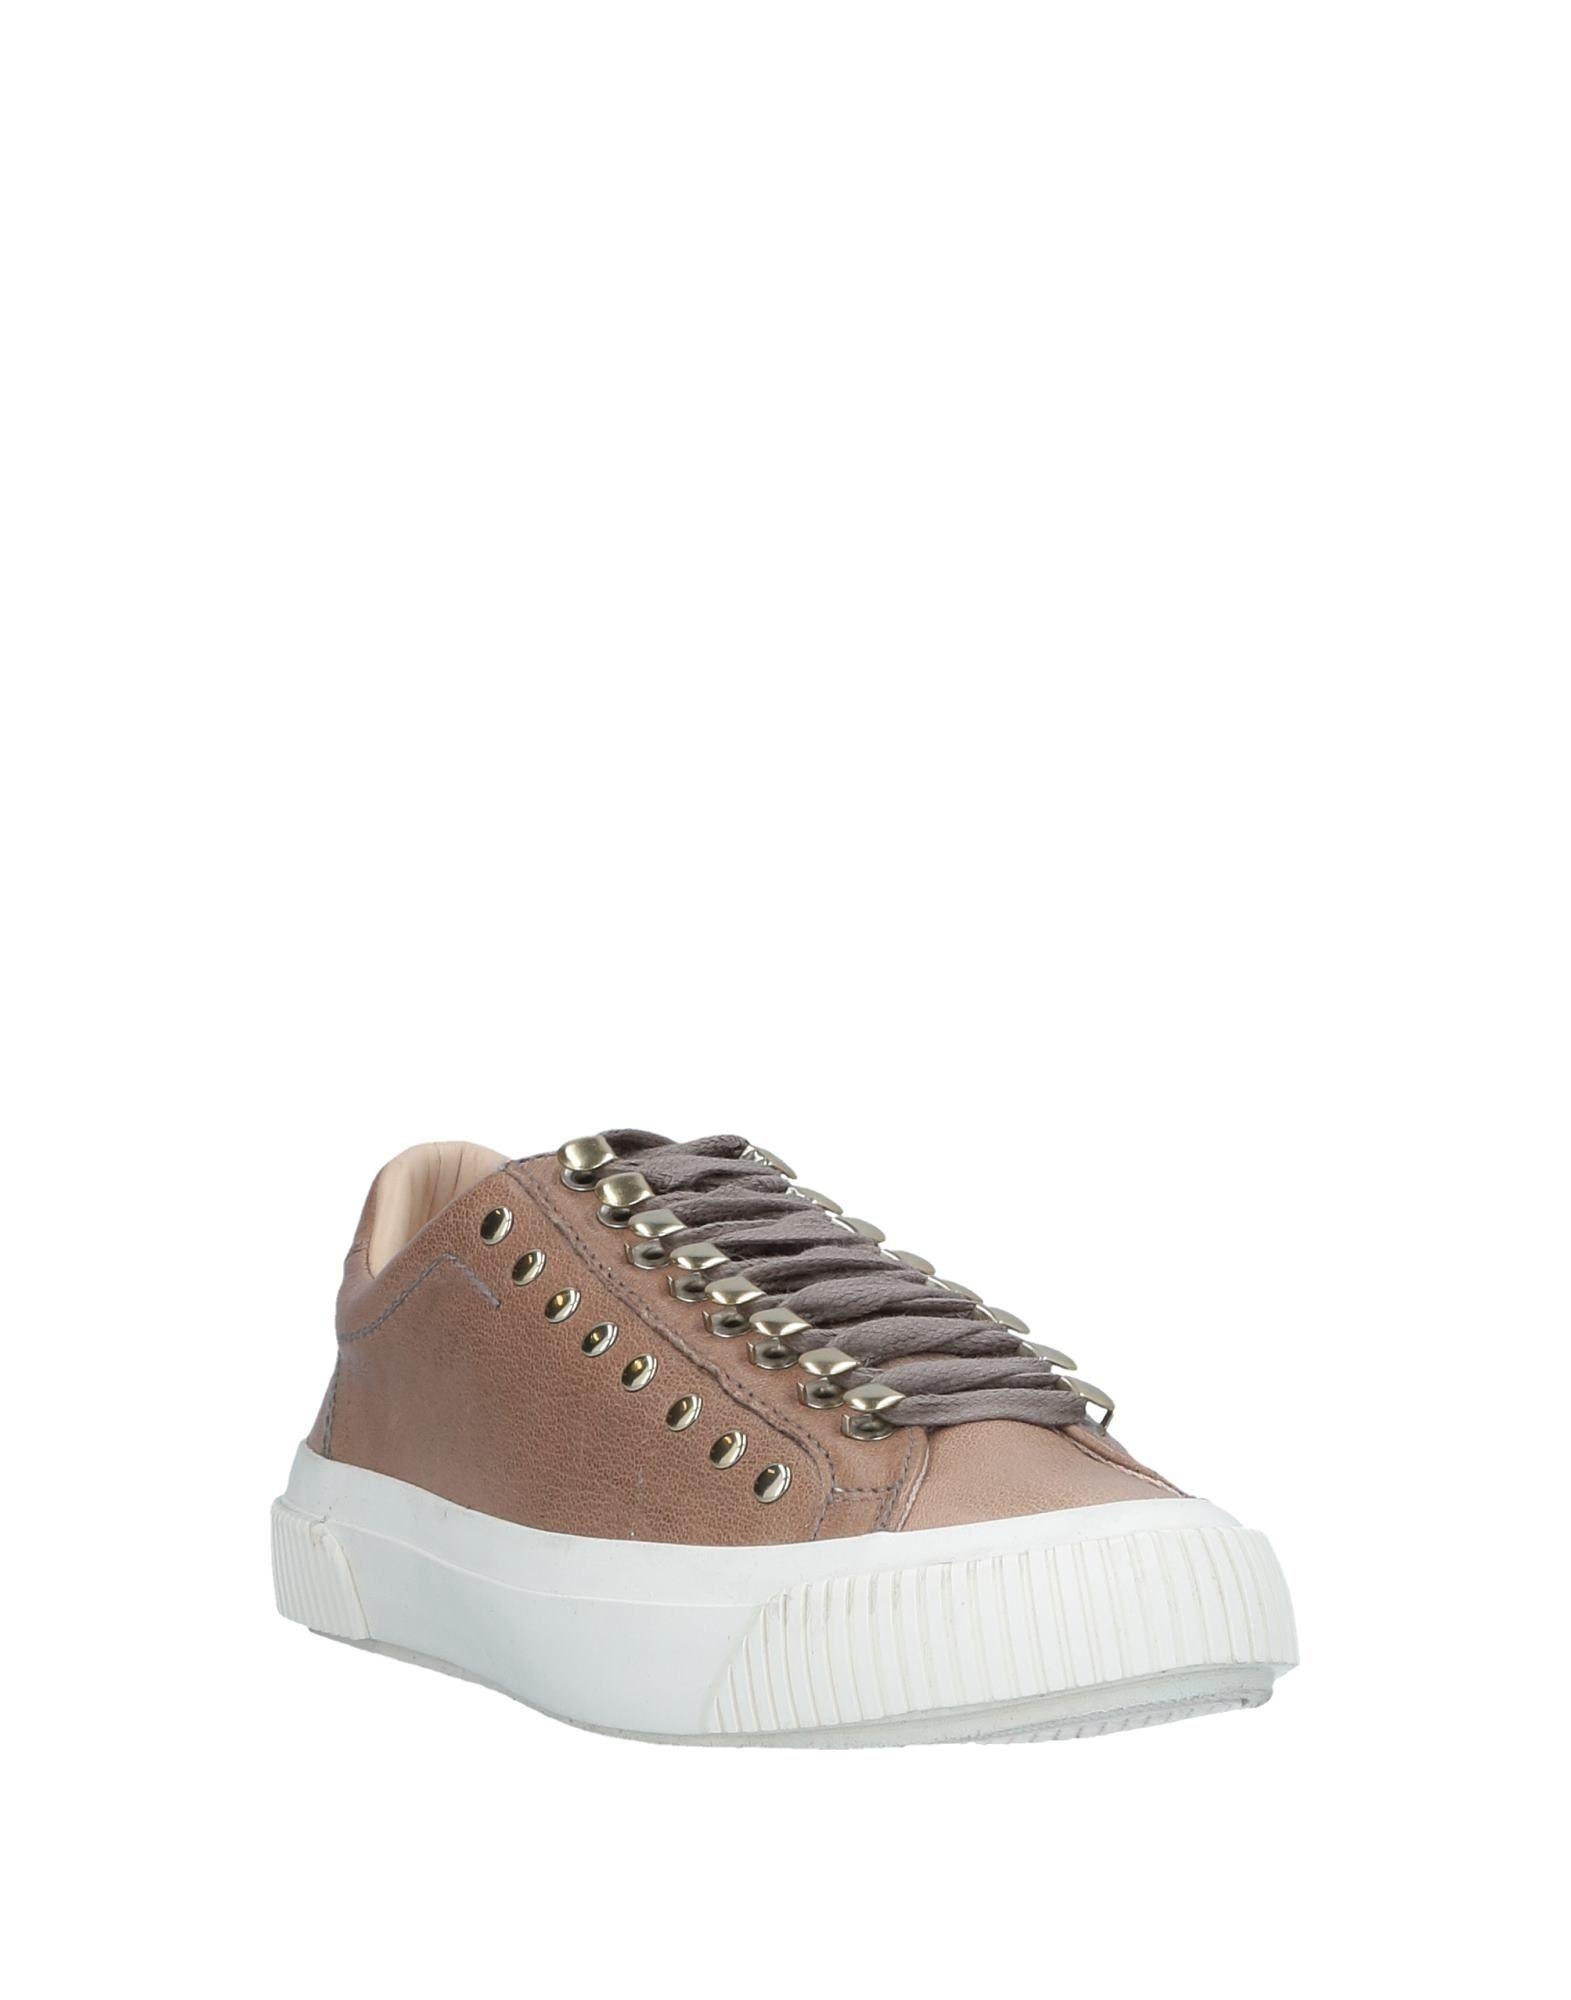 Diesel Sneakers Damen  11535804UH Gute Qualität beliebte Schuhe